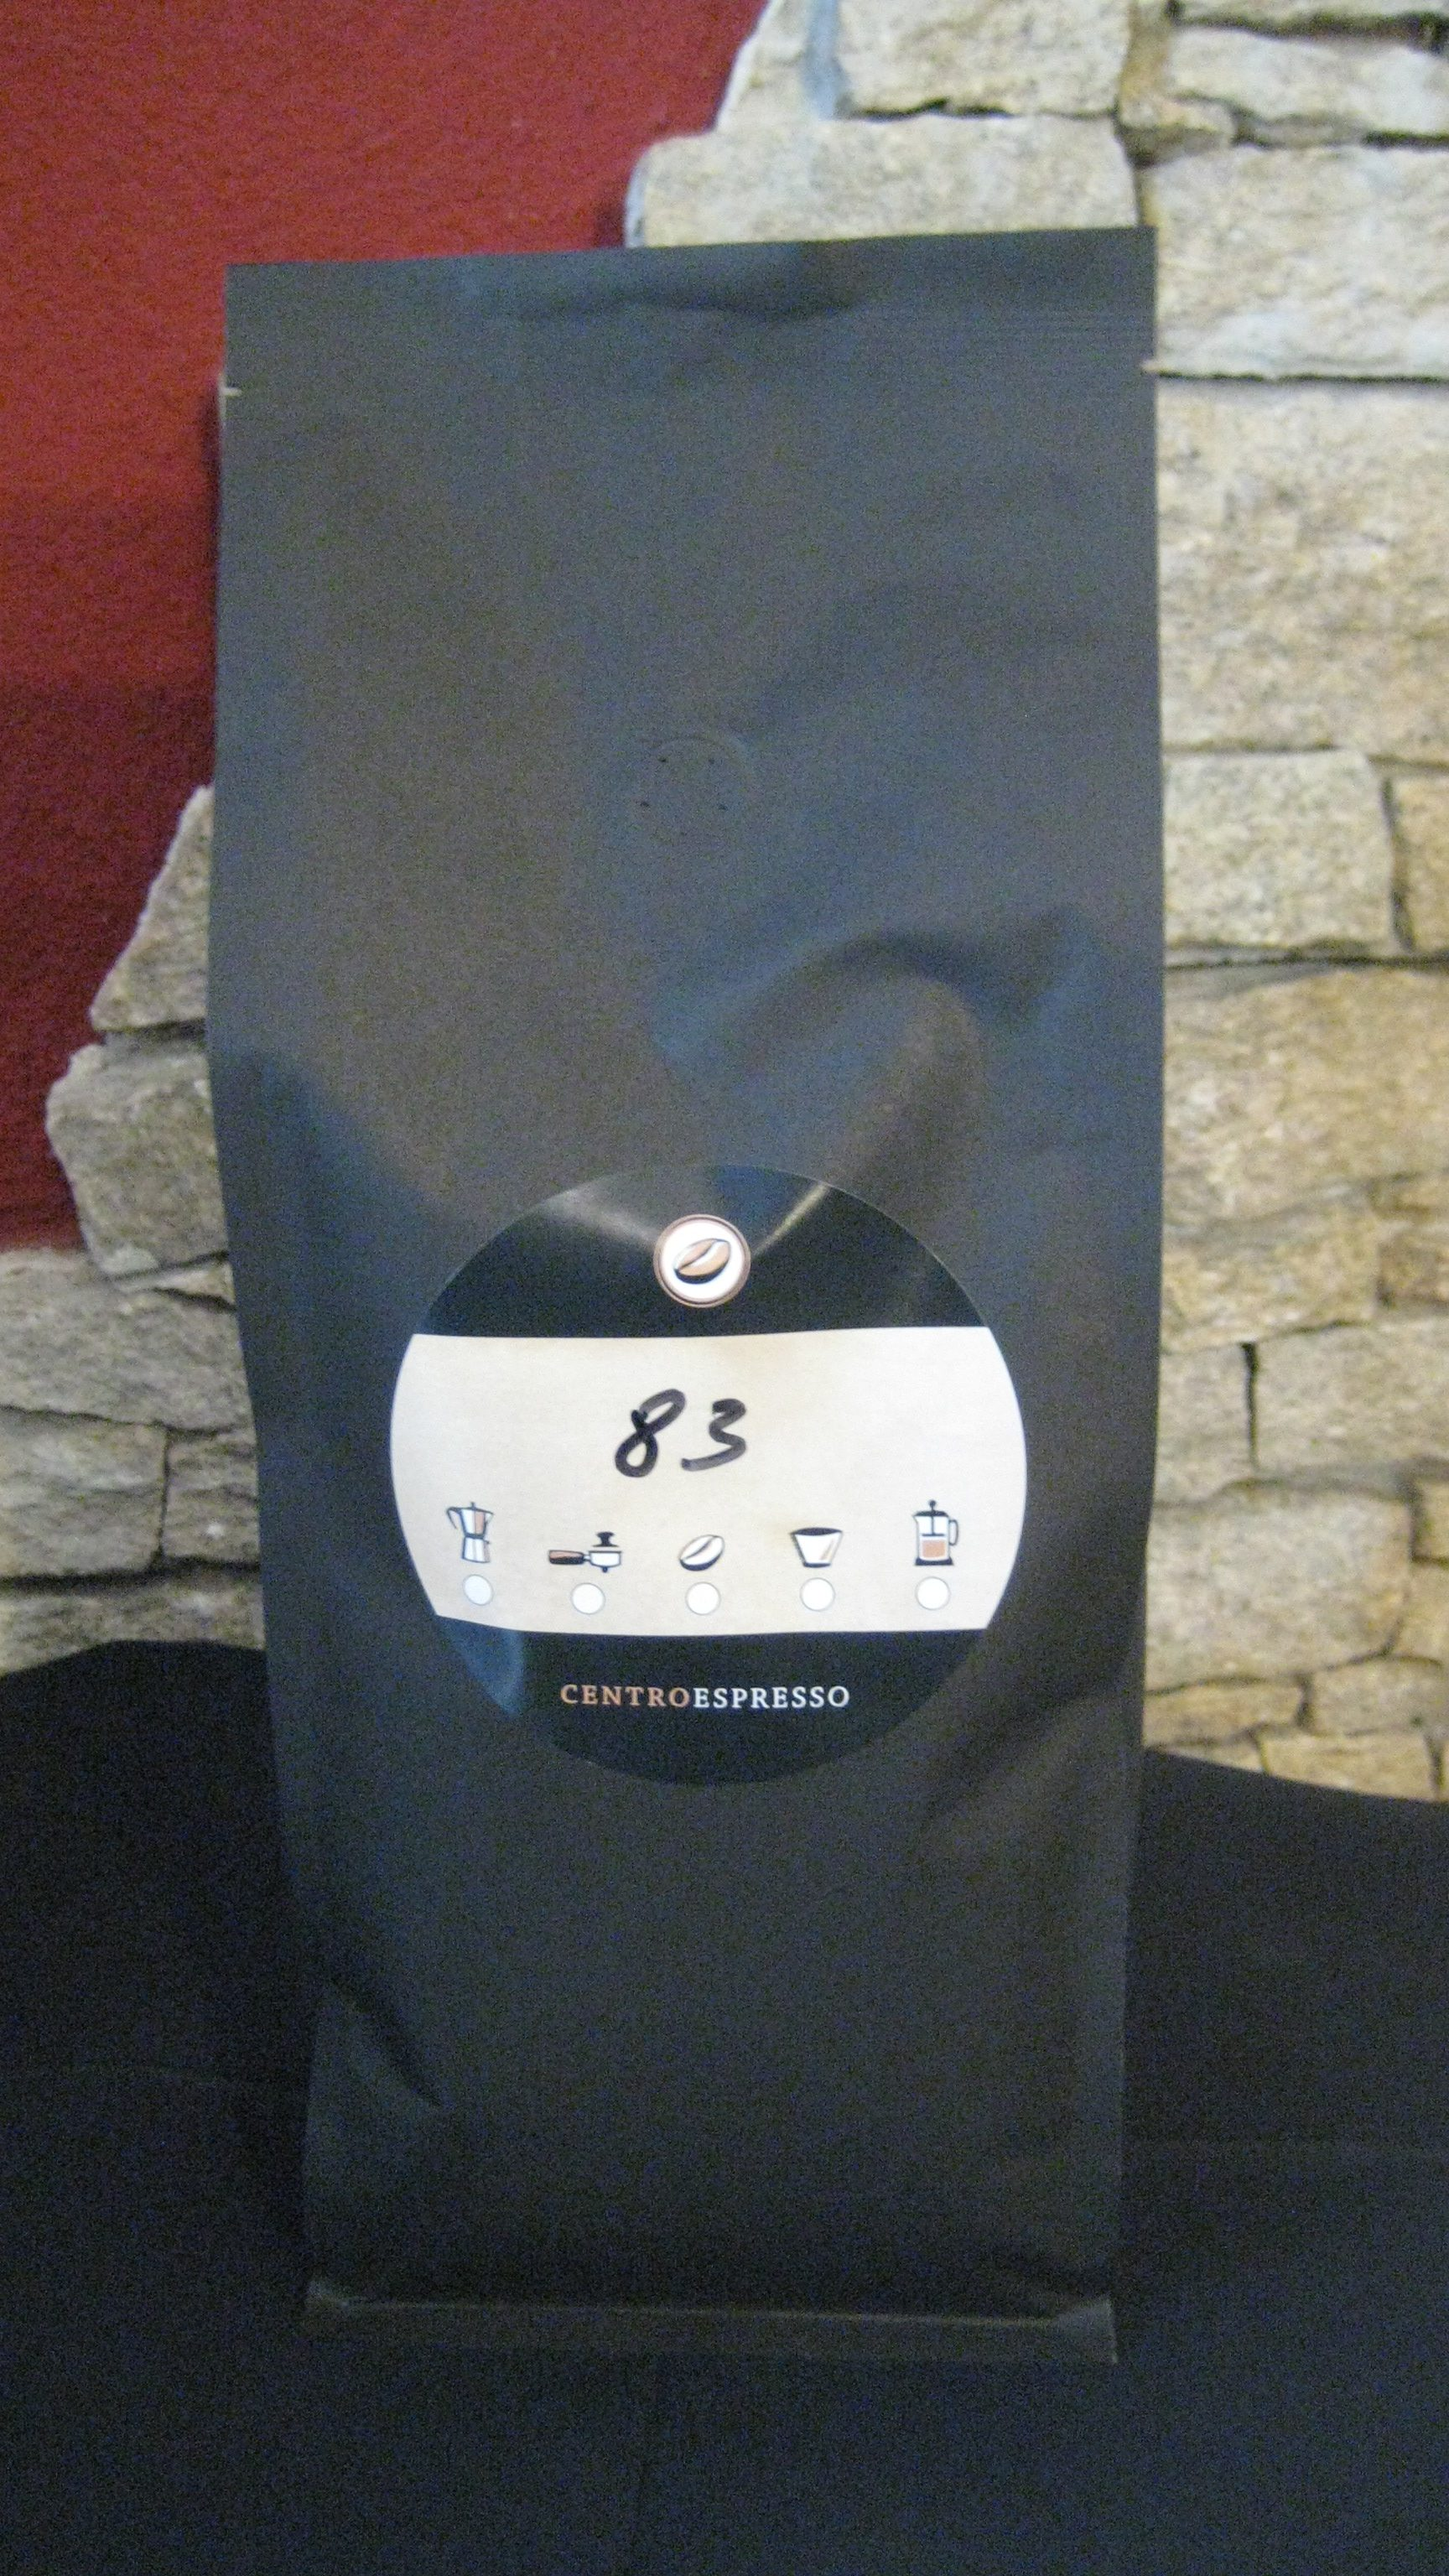 Centro Espresso 83 Bio